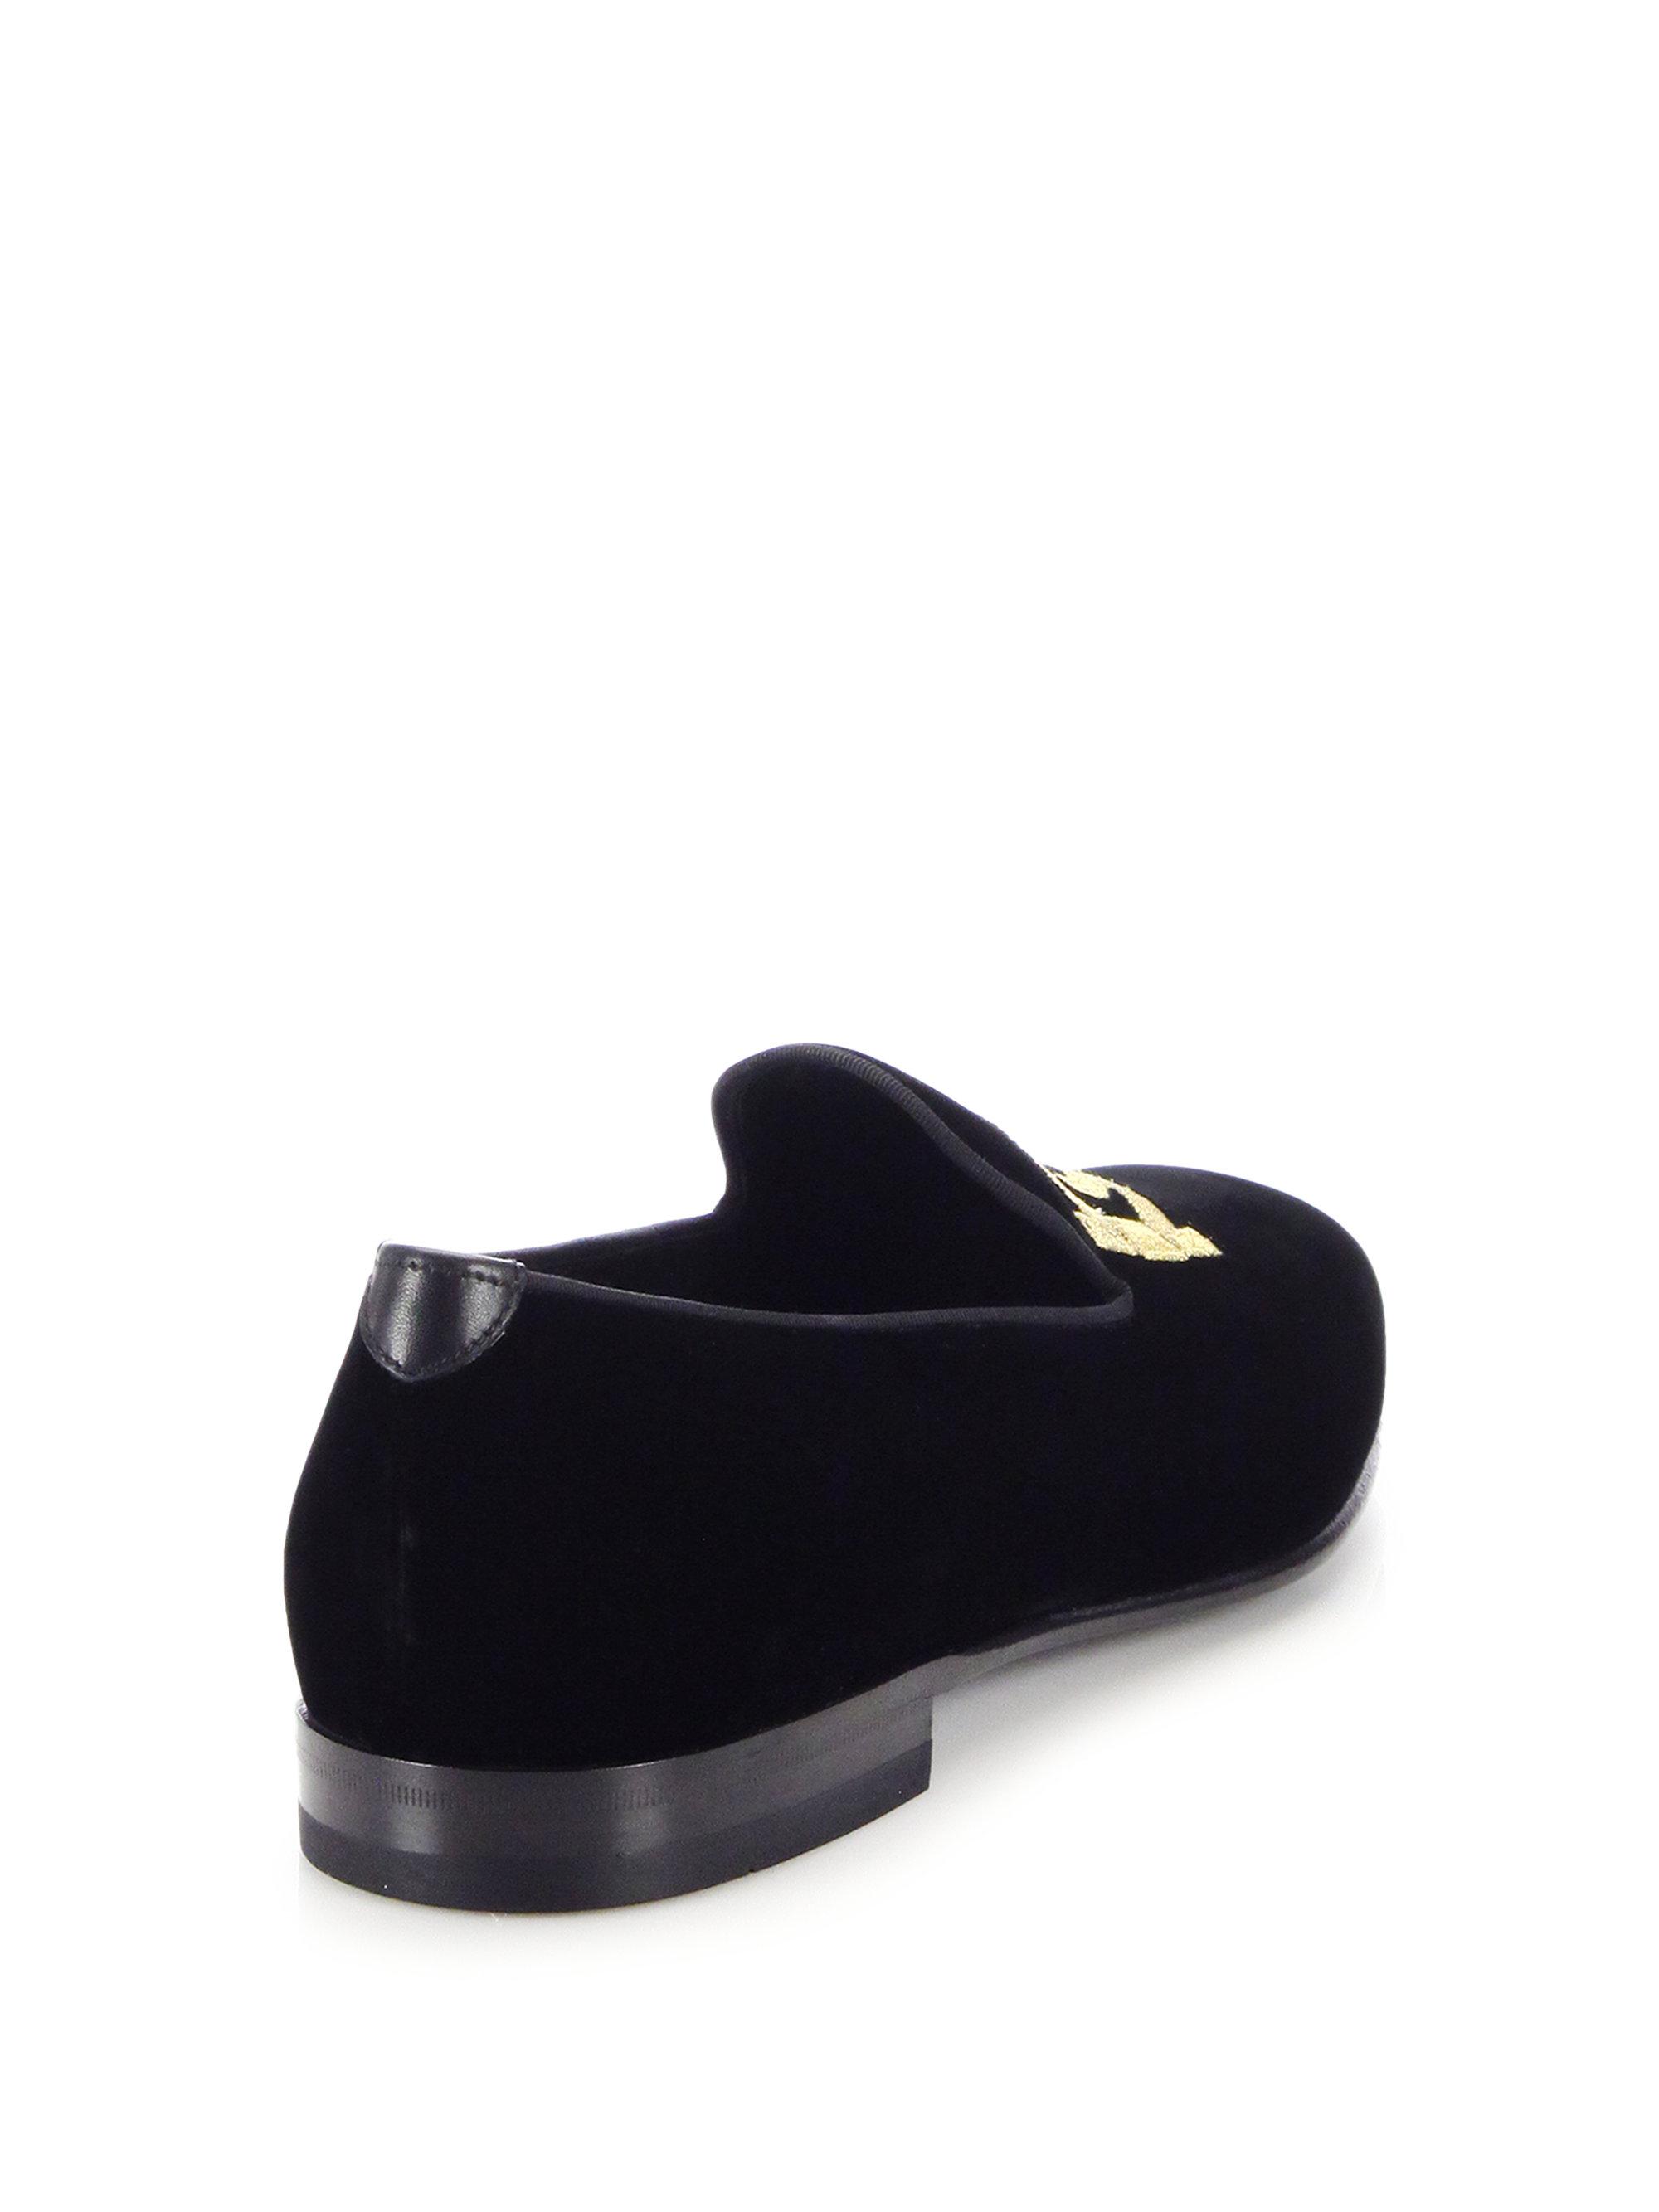 037c6bad4881 Lyst - Ferragamo Double Gancini Velvet Smoking Slippers in Black for Men